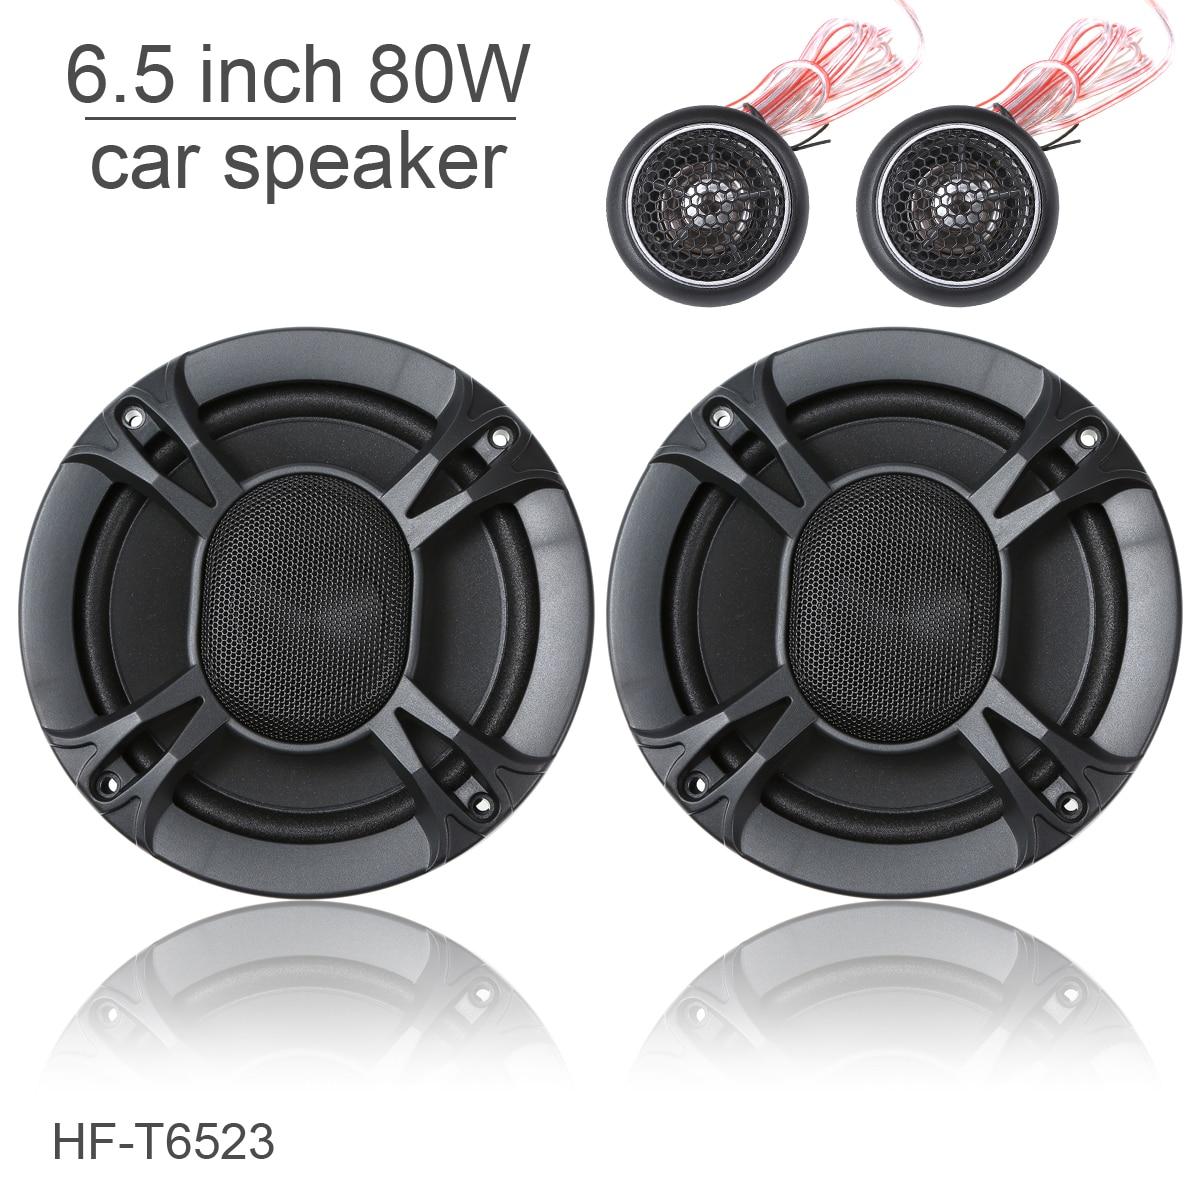 HF-T6523 un ensemble 6.5 pouces 80 W Coaxial gamme complète fréquence haut-parleur stéréo avec Tweeter et diviseur de fréquence